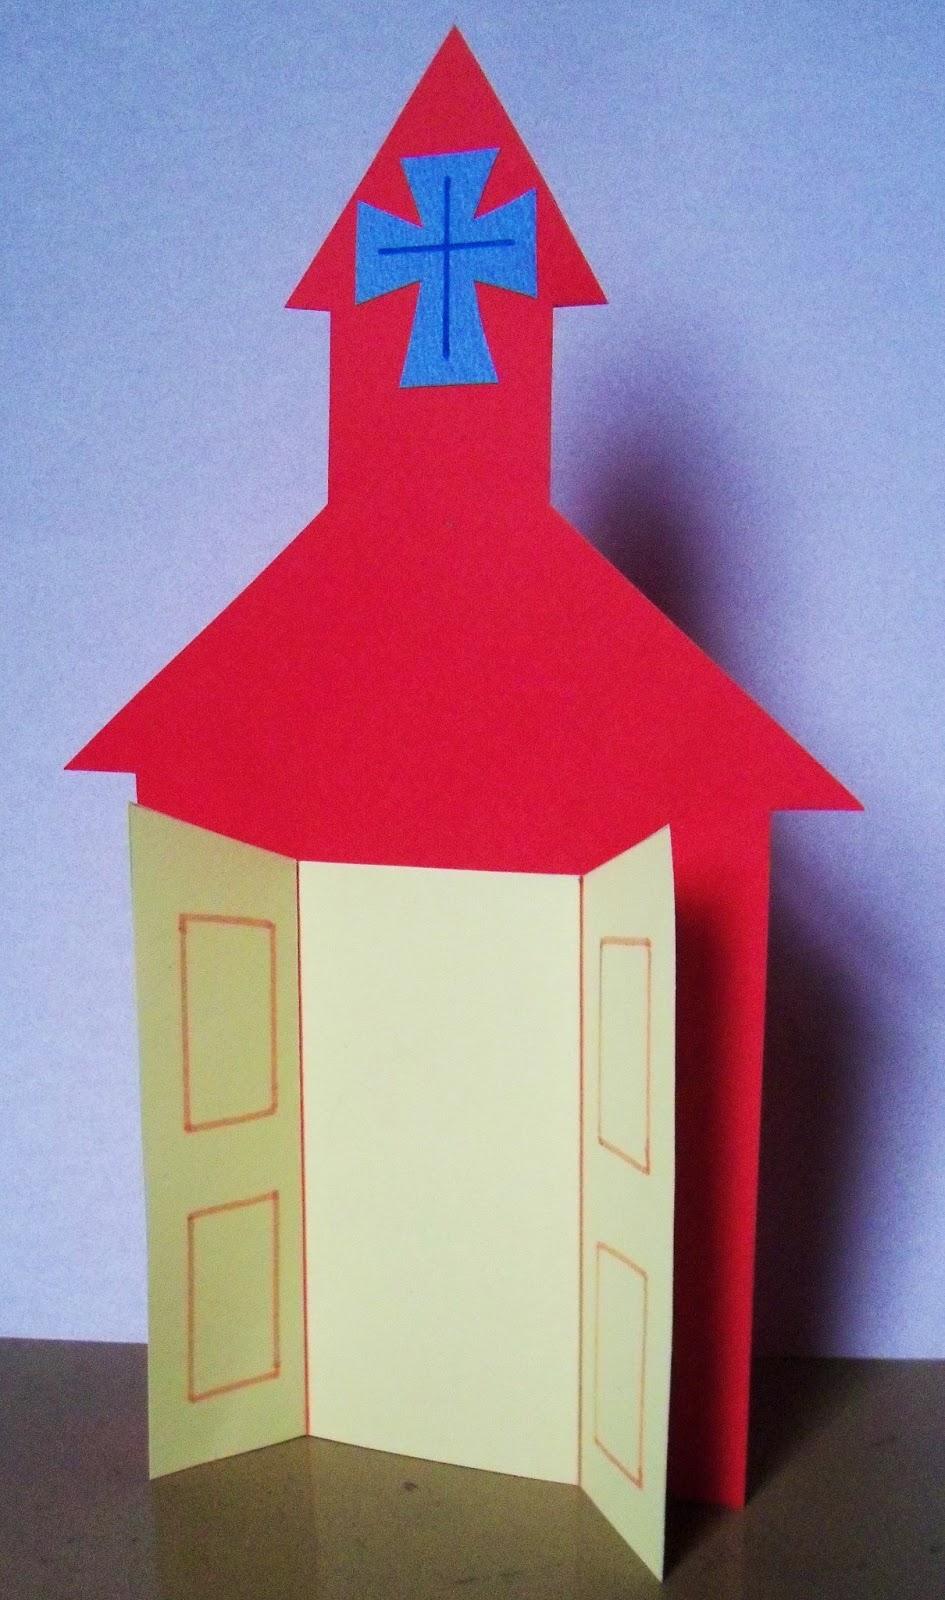 Manualidades De Iglesia Para Nios En Pinterest | apexwallpapers.com